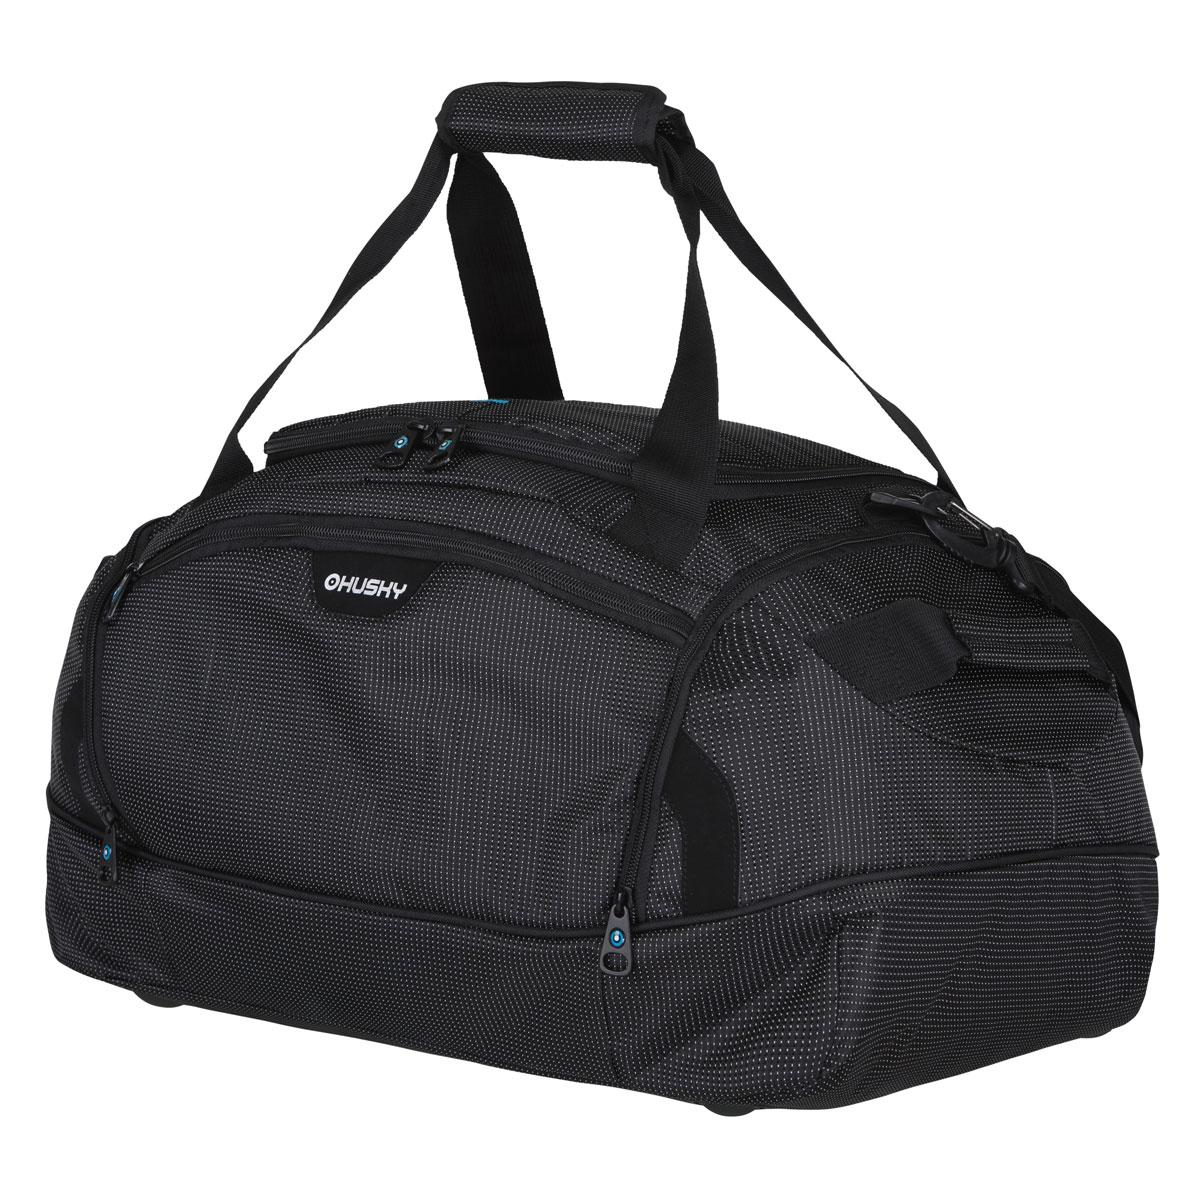 Сумка спортивная Husky Grape 80 L, цвет: черныйУТ-000048762Комфортная и практичная спортивная сумка Grape 80 L. Особенности модели: Водонепроницаемая ткань, Два боковых кармана, Внутренний органайзер, Съемный наплечный ремень.